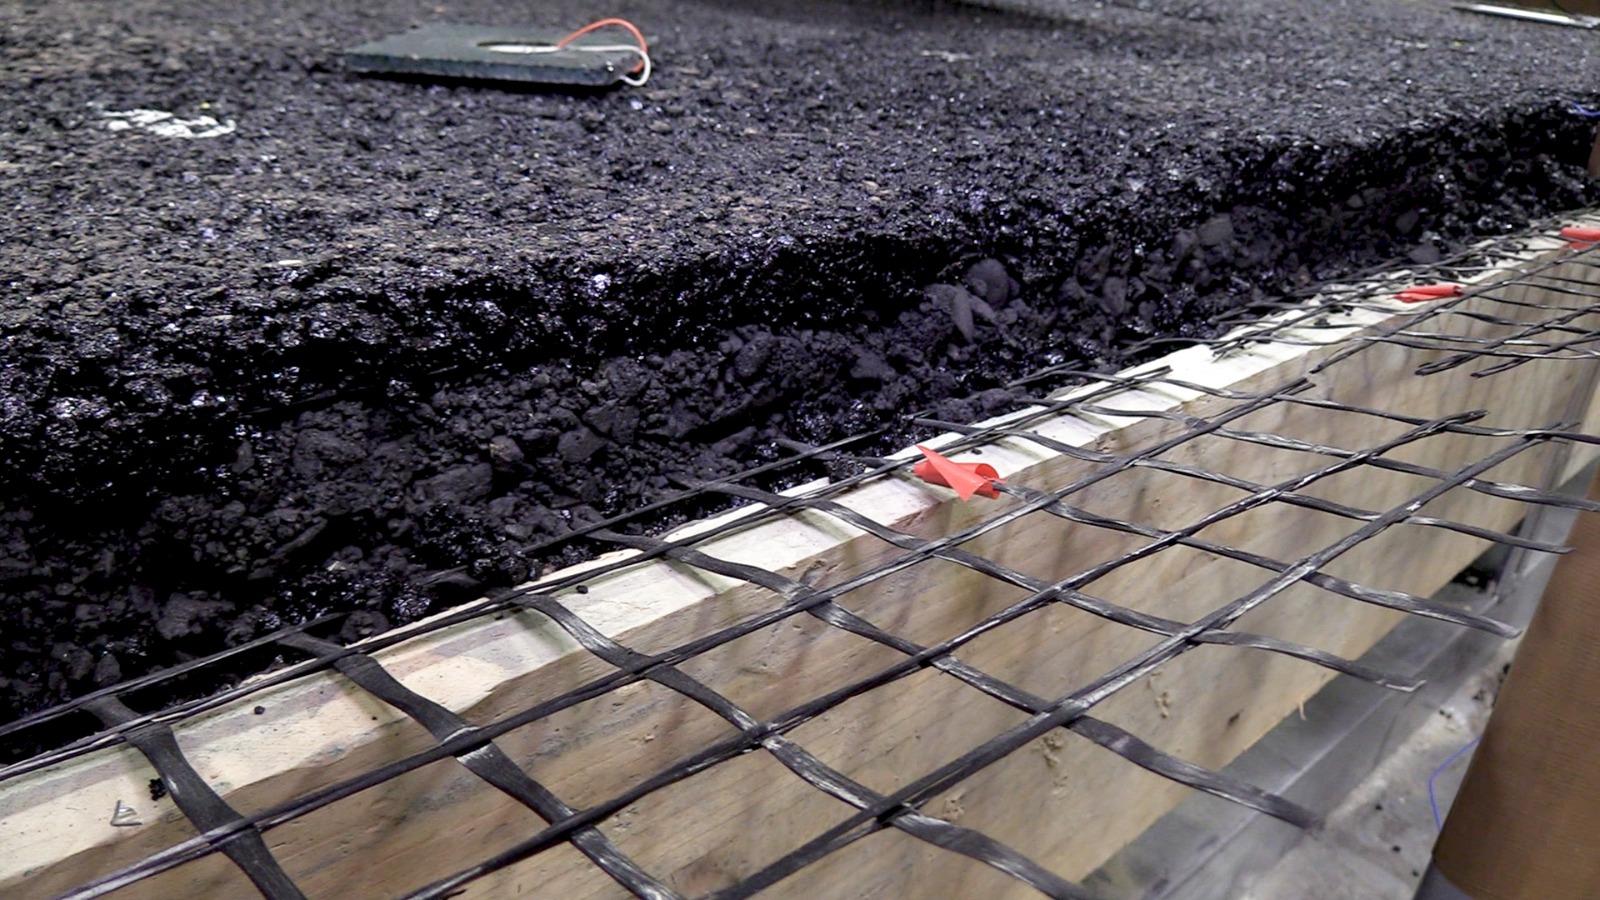 La Universidad de Granada y ACCIONA estudian las 'carreteras del futuro' gracias un nuevo tipo de asfalto con capacidades sensitivas y auto-reparadoras